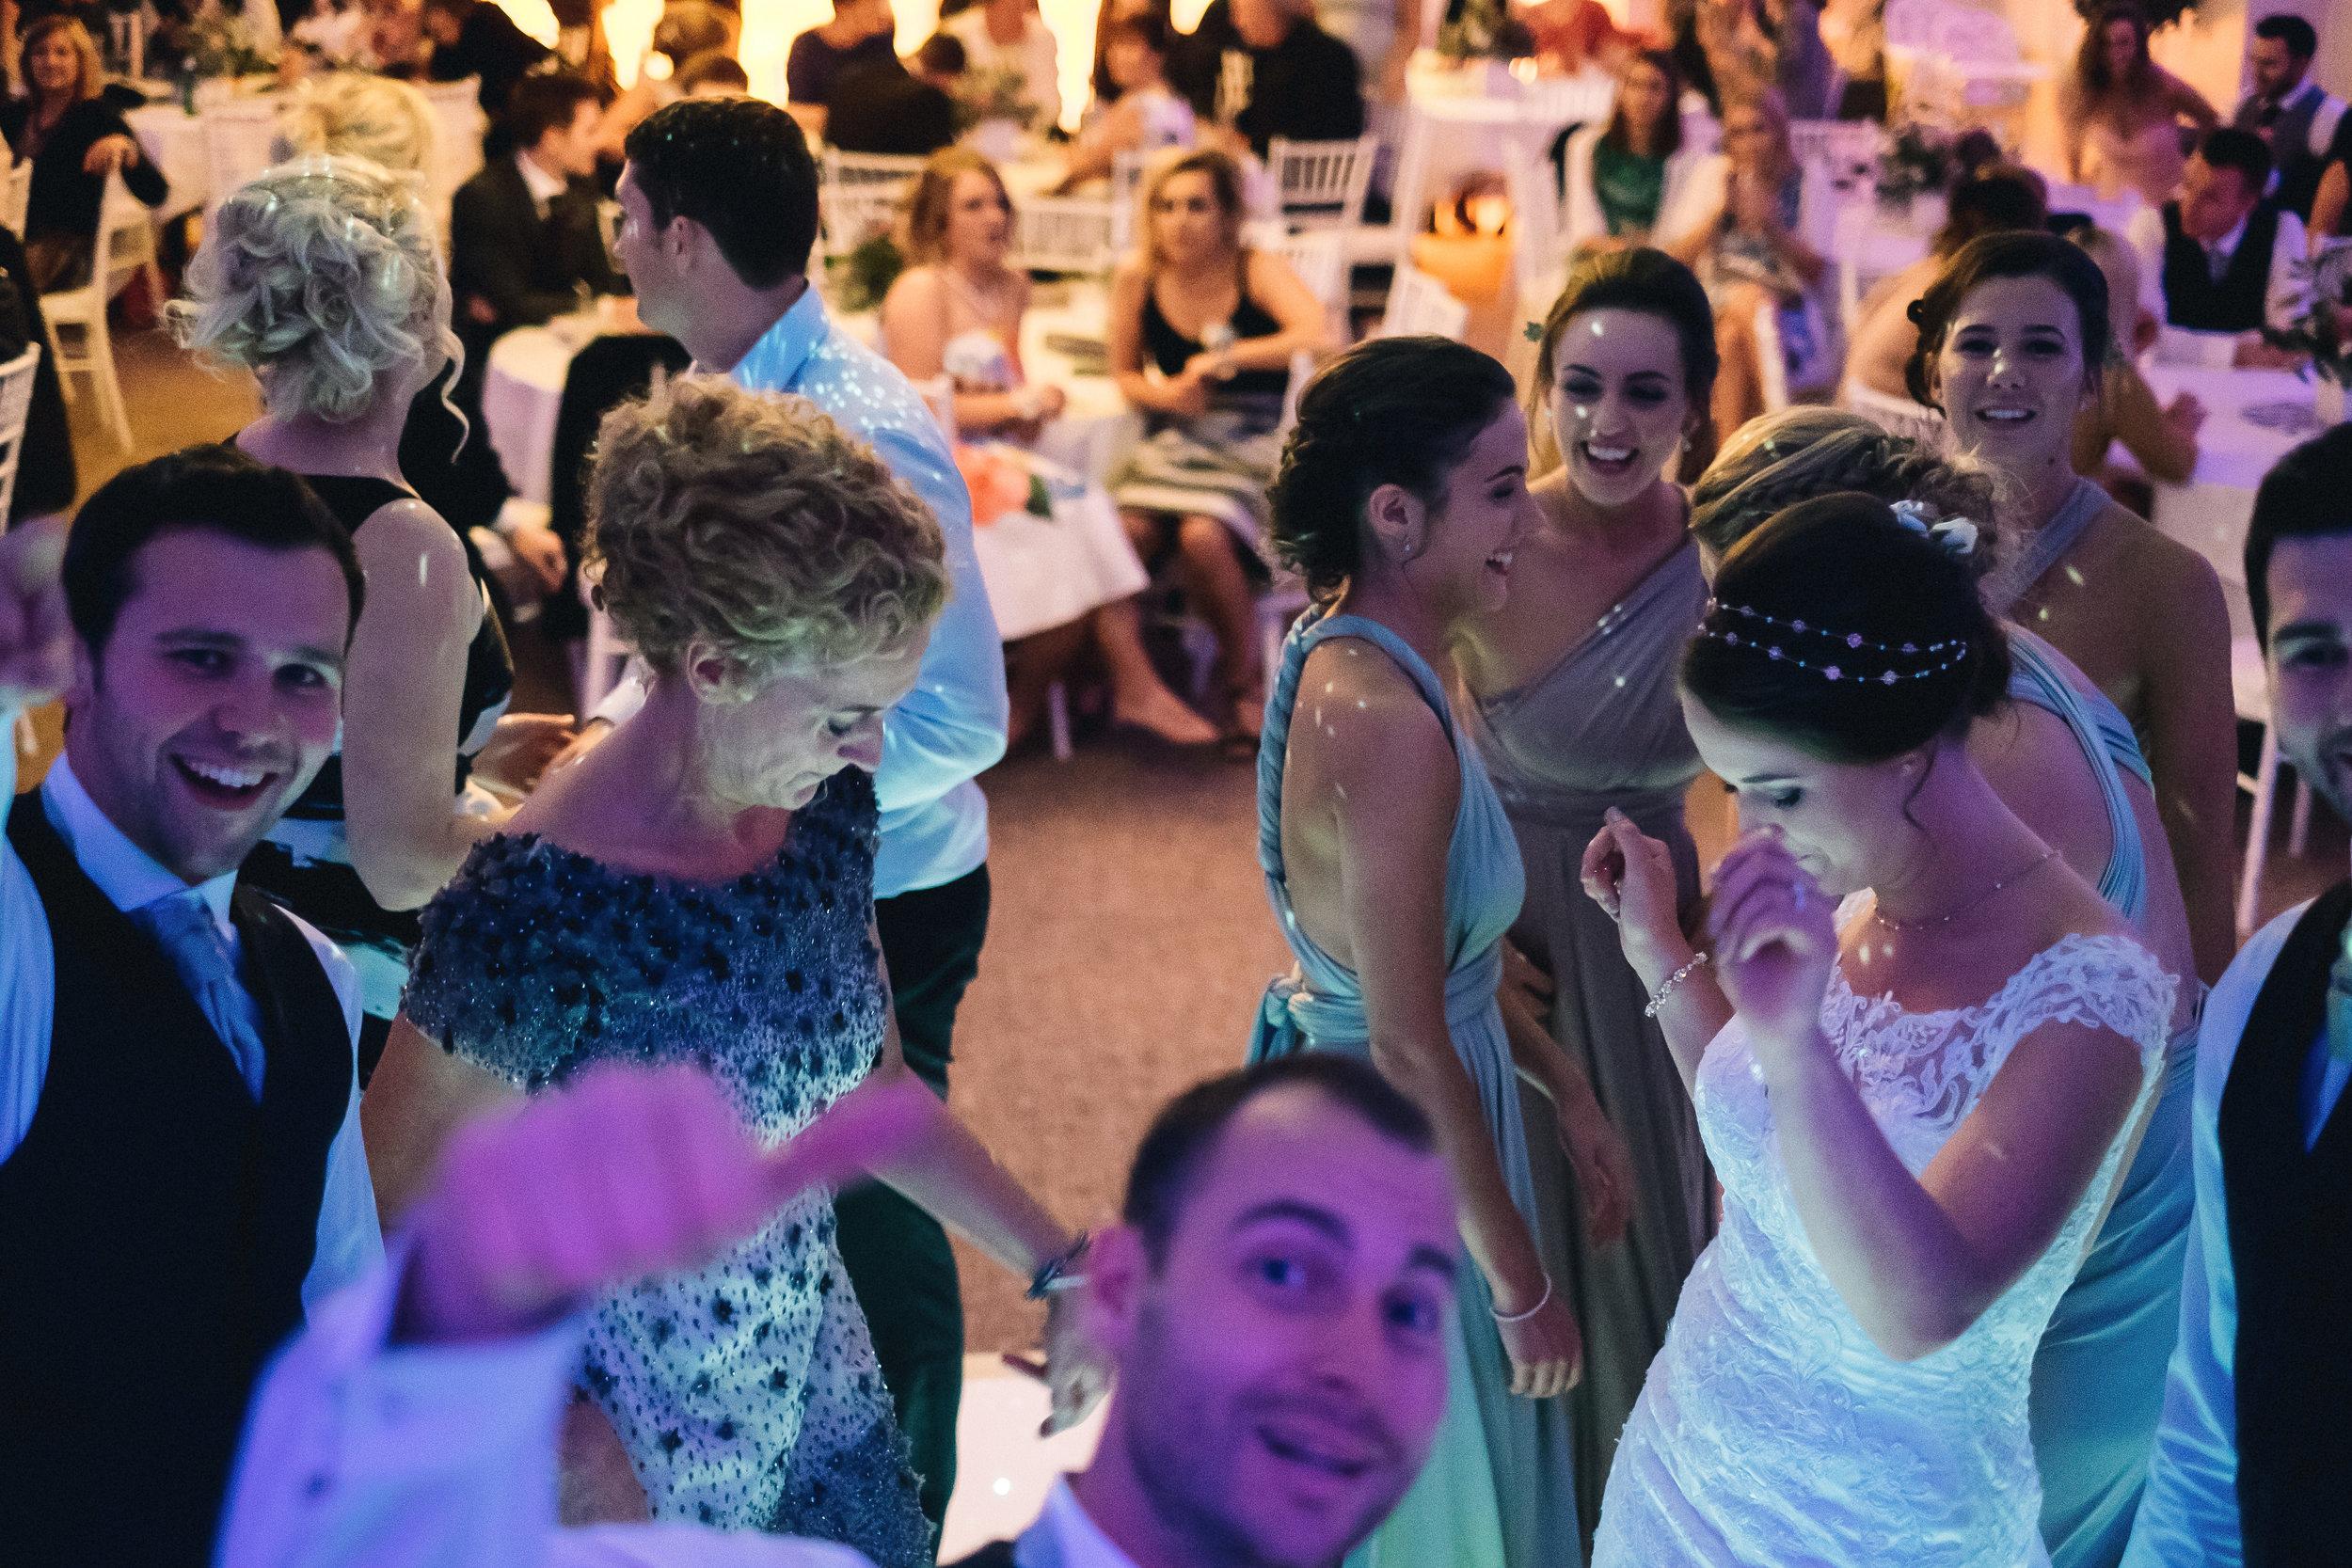 Dancing guests on busy dance floor